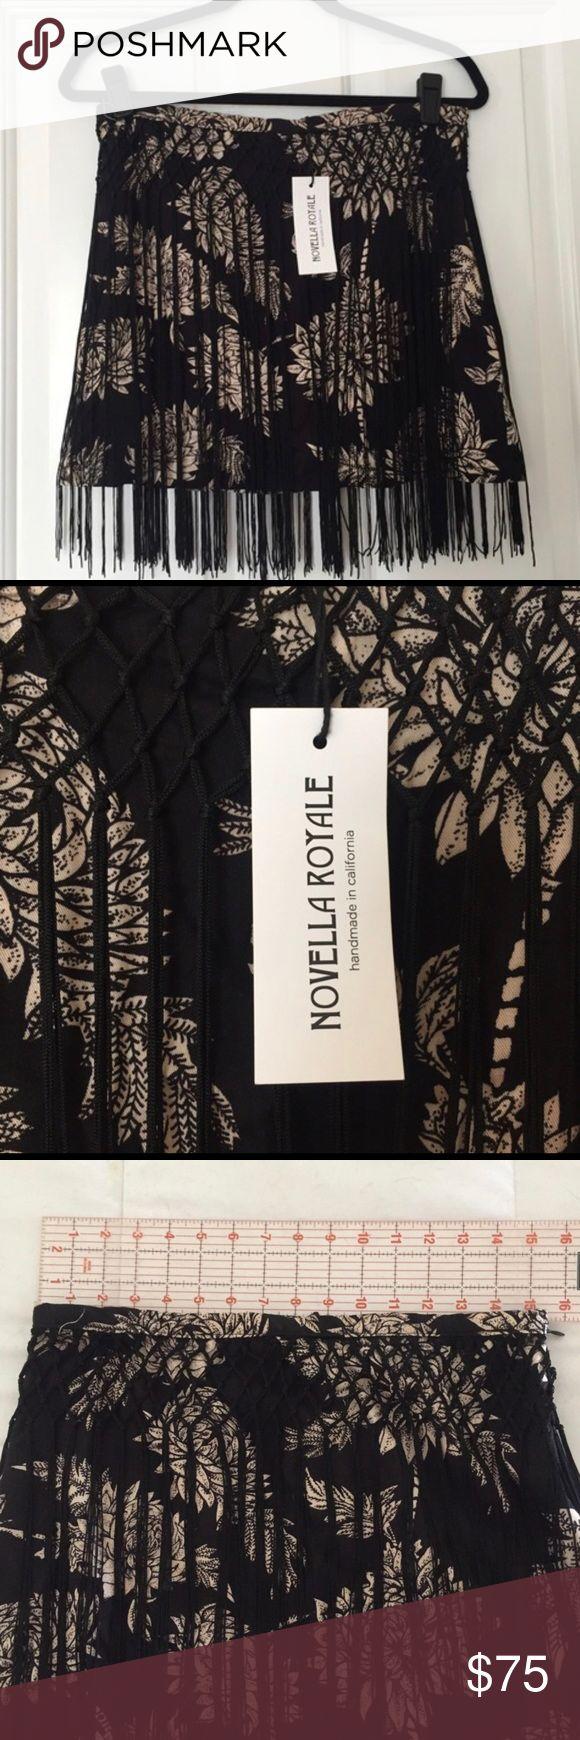 Novella Royale Fringe Skirt Brand new, never worn. Skirt is 15 inches in length, Fringe is 18 inches in length. Novella Royale Skirts Mini